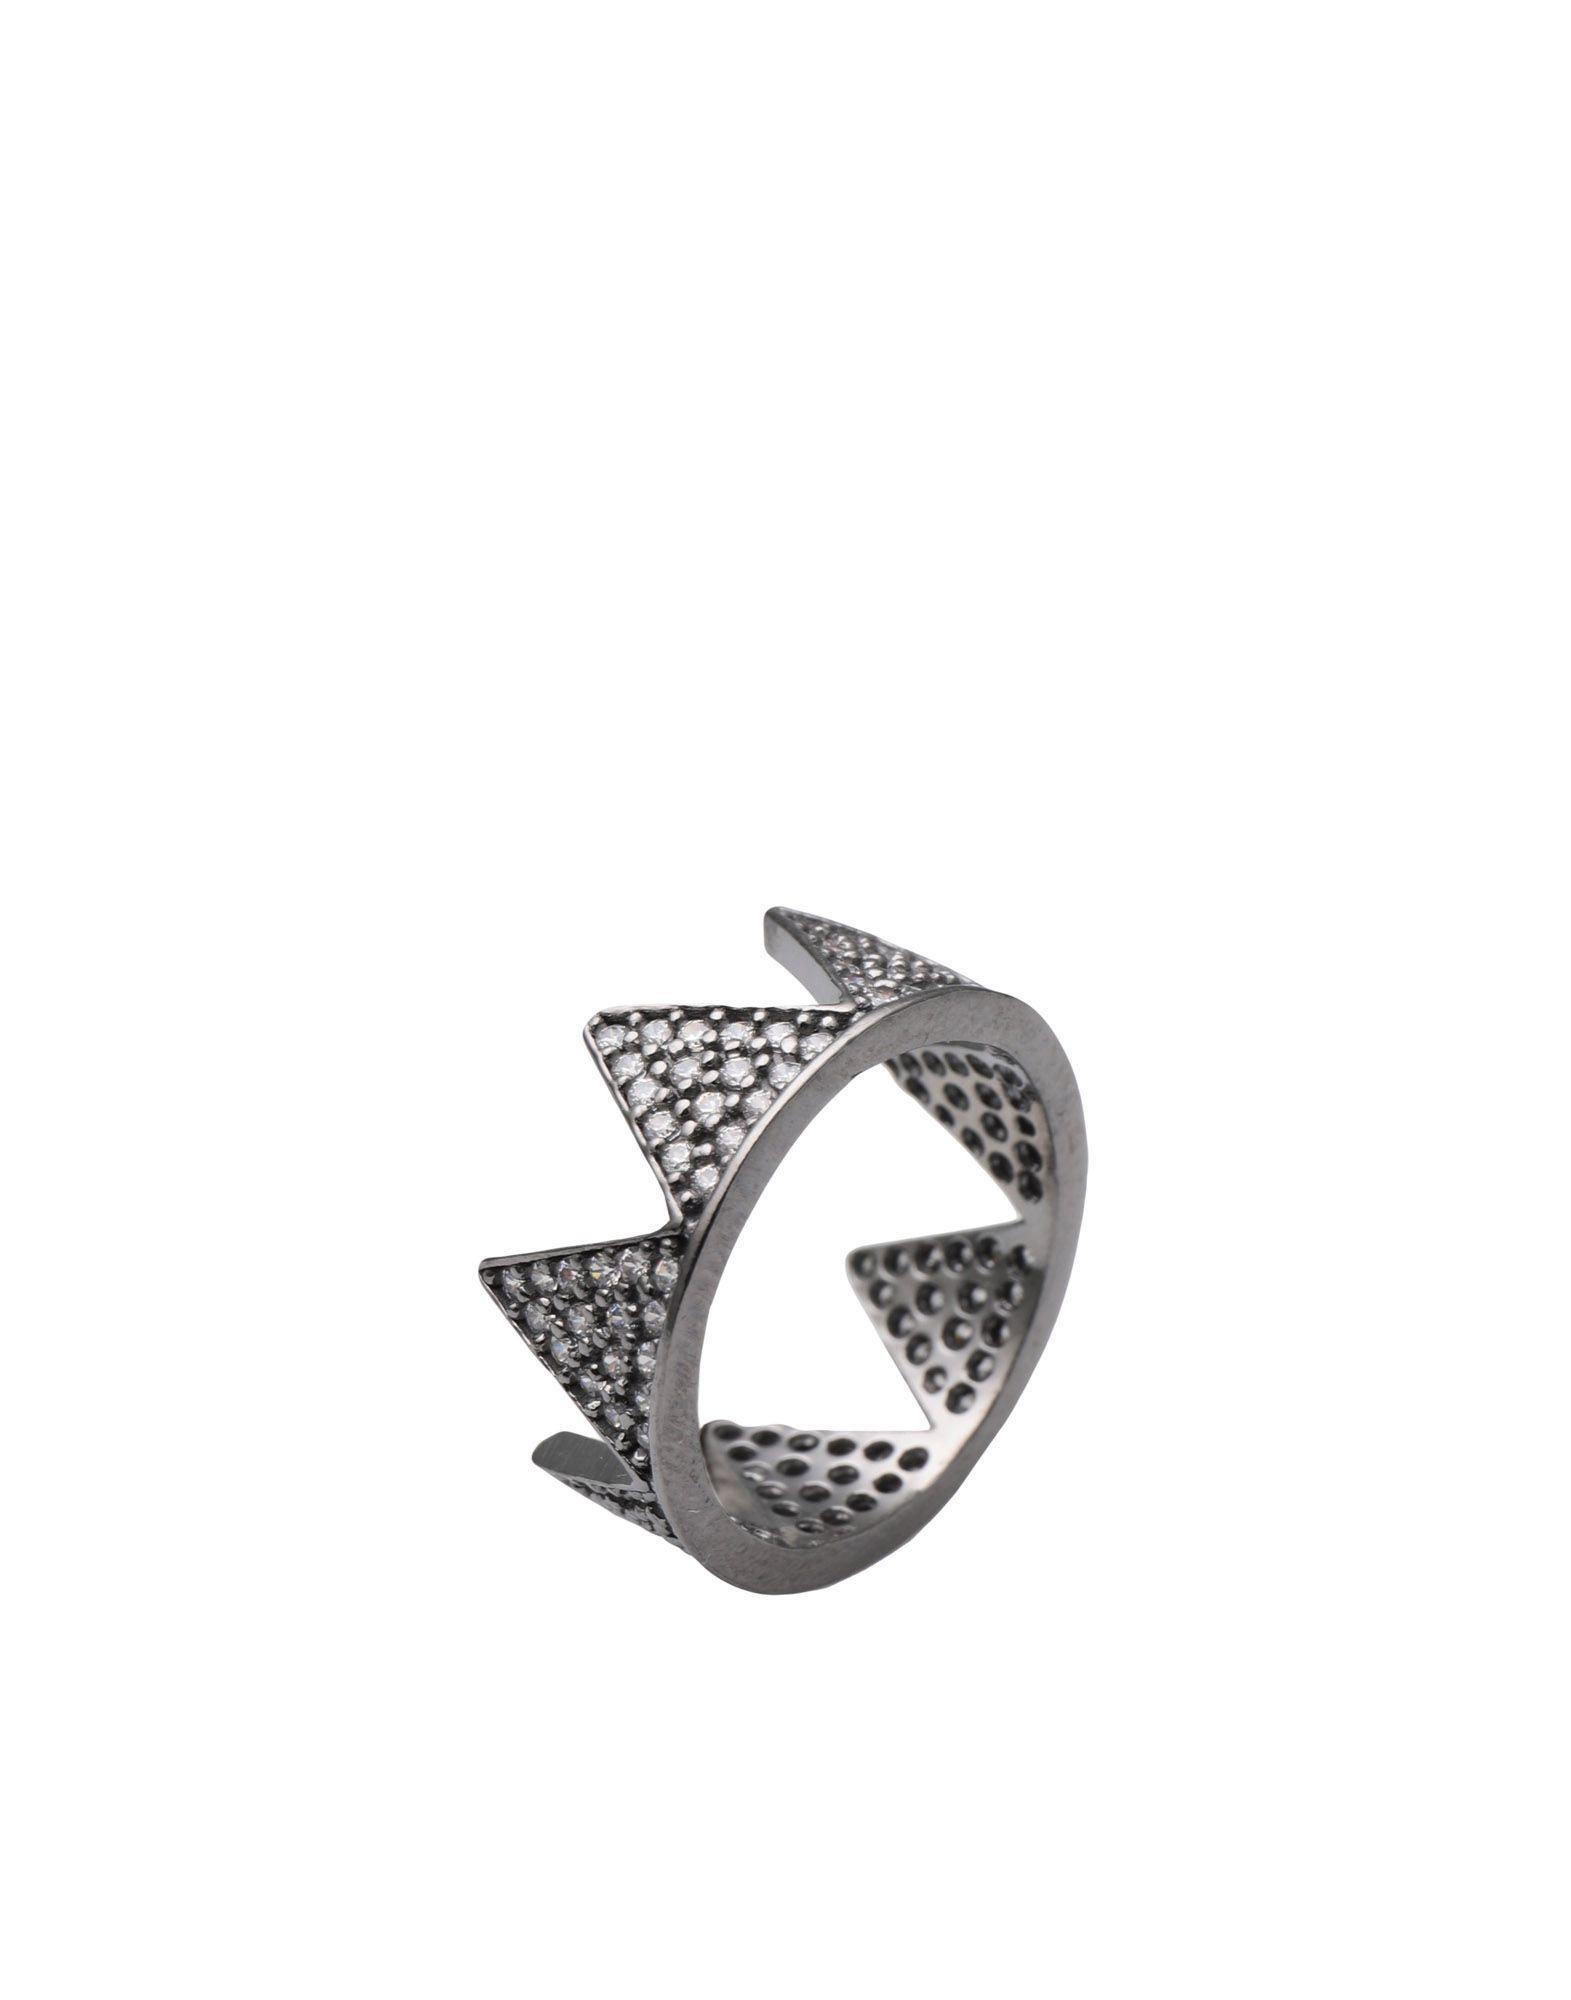 《セール開催中》FIRST PEOPLE FIRST レディース 指輪 鉛色 7 シルバー925/1000 / 18金メッキ / キュービックジルコニア Hestia Full Zircon Crown Ring